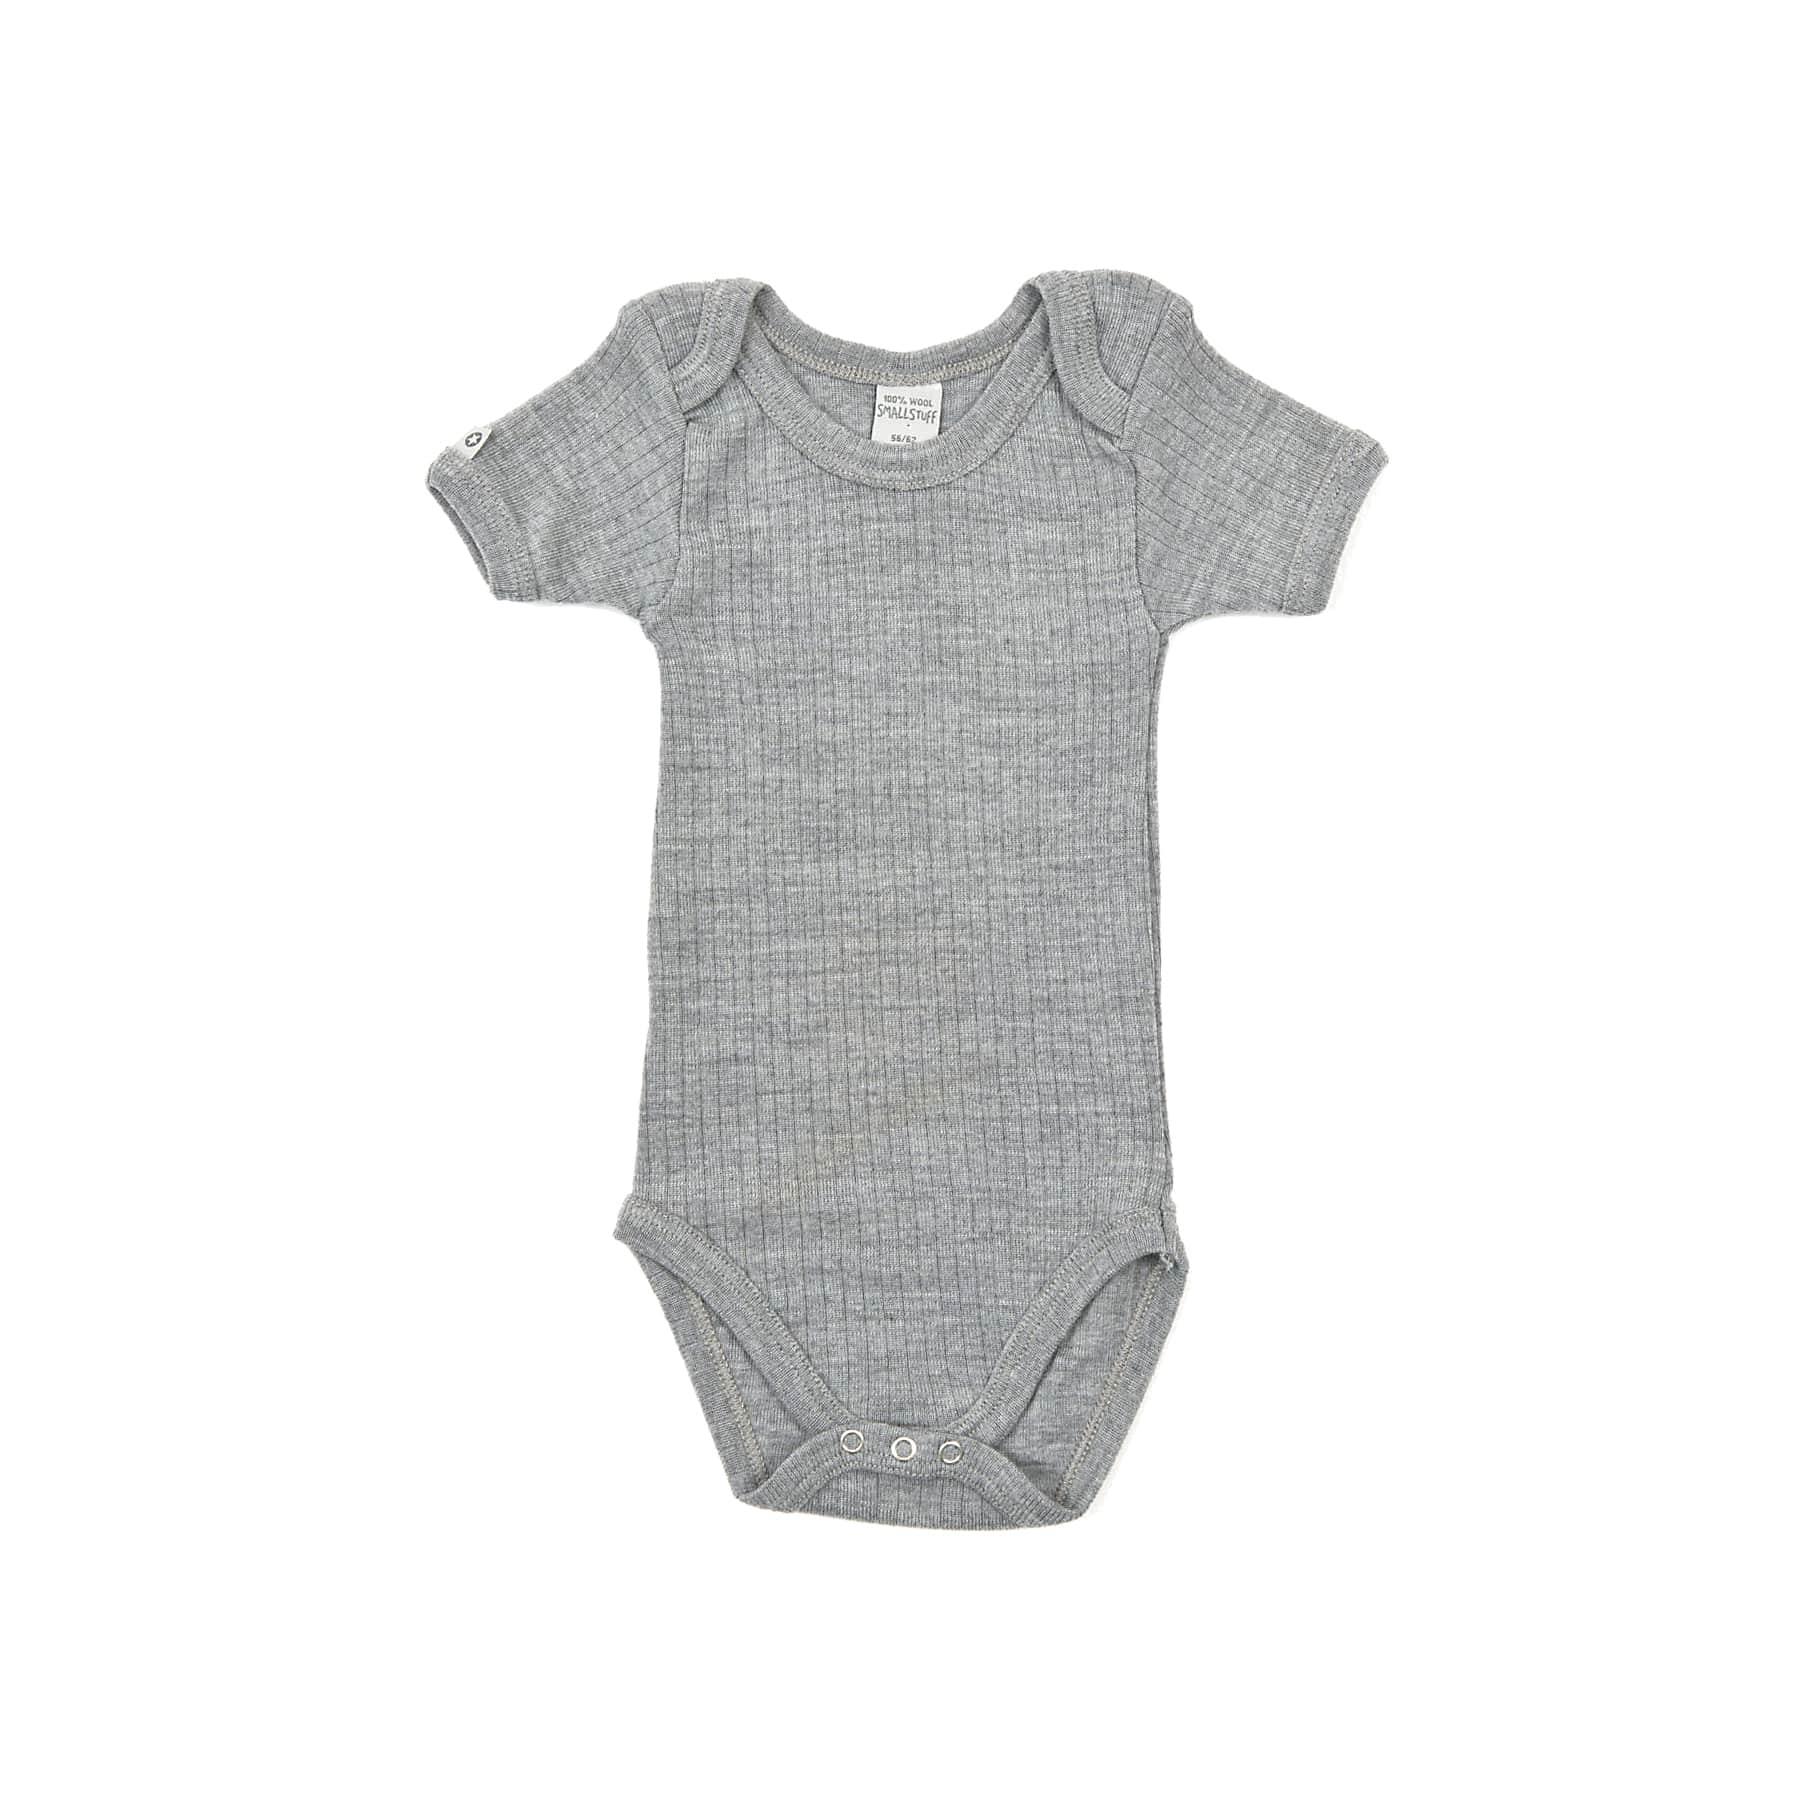 a7dee96dd2a Kortærmet body i uld til baby i elastisk ribstrik fra SmallStuff i grå